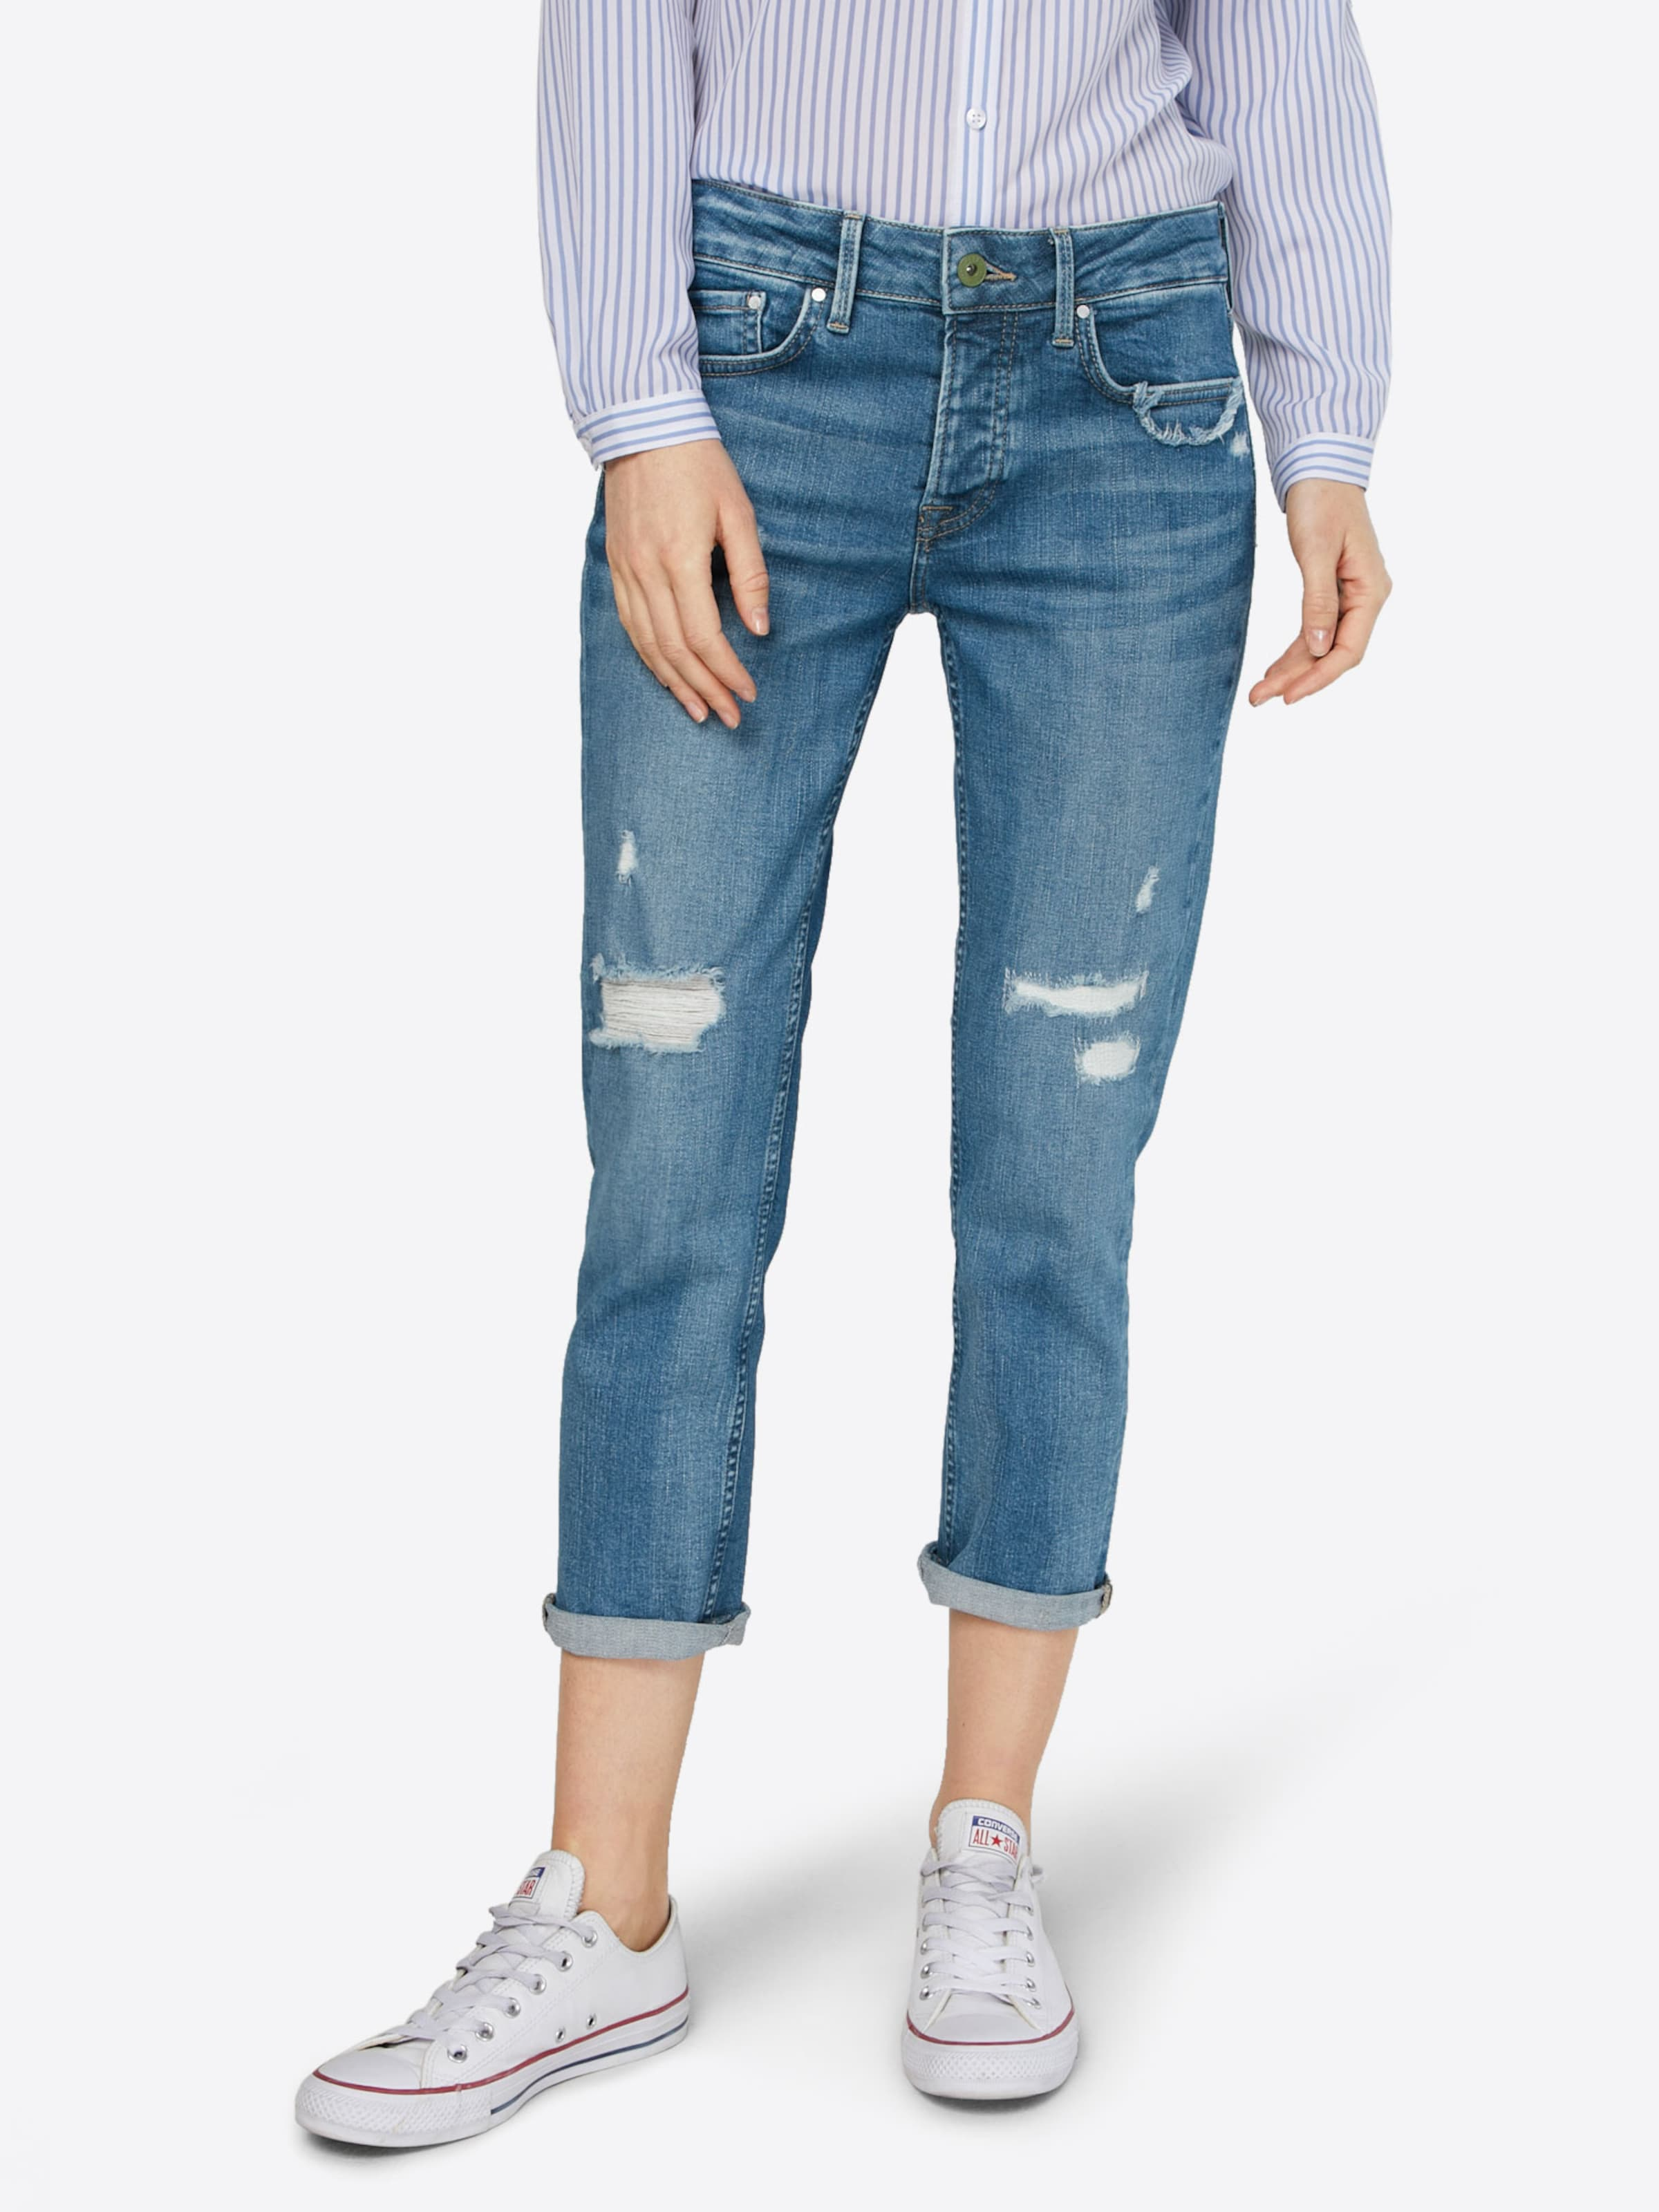 Günstig Kaufen Amazon Pepe Jeans Slimfit Jeans 'JOLIE' Qualität Frei Versandstelle N1ccArIP2